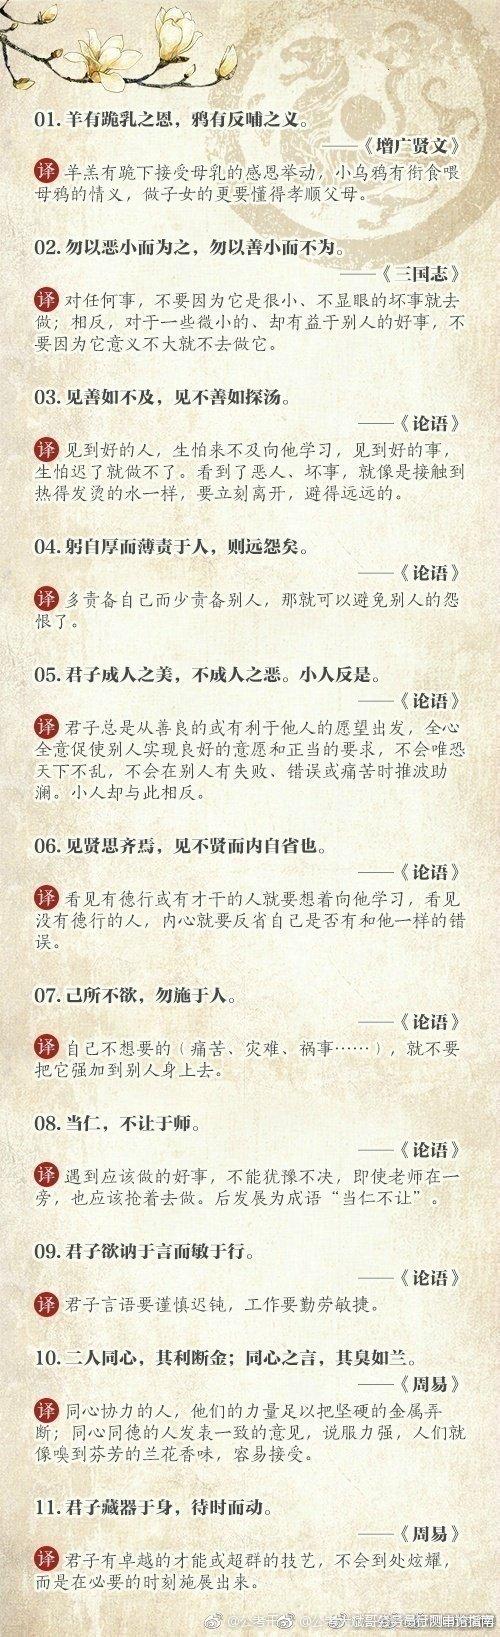 100句古语金句,可以用在申论作文里!转发学习!